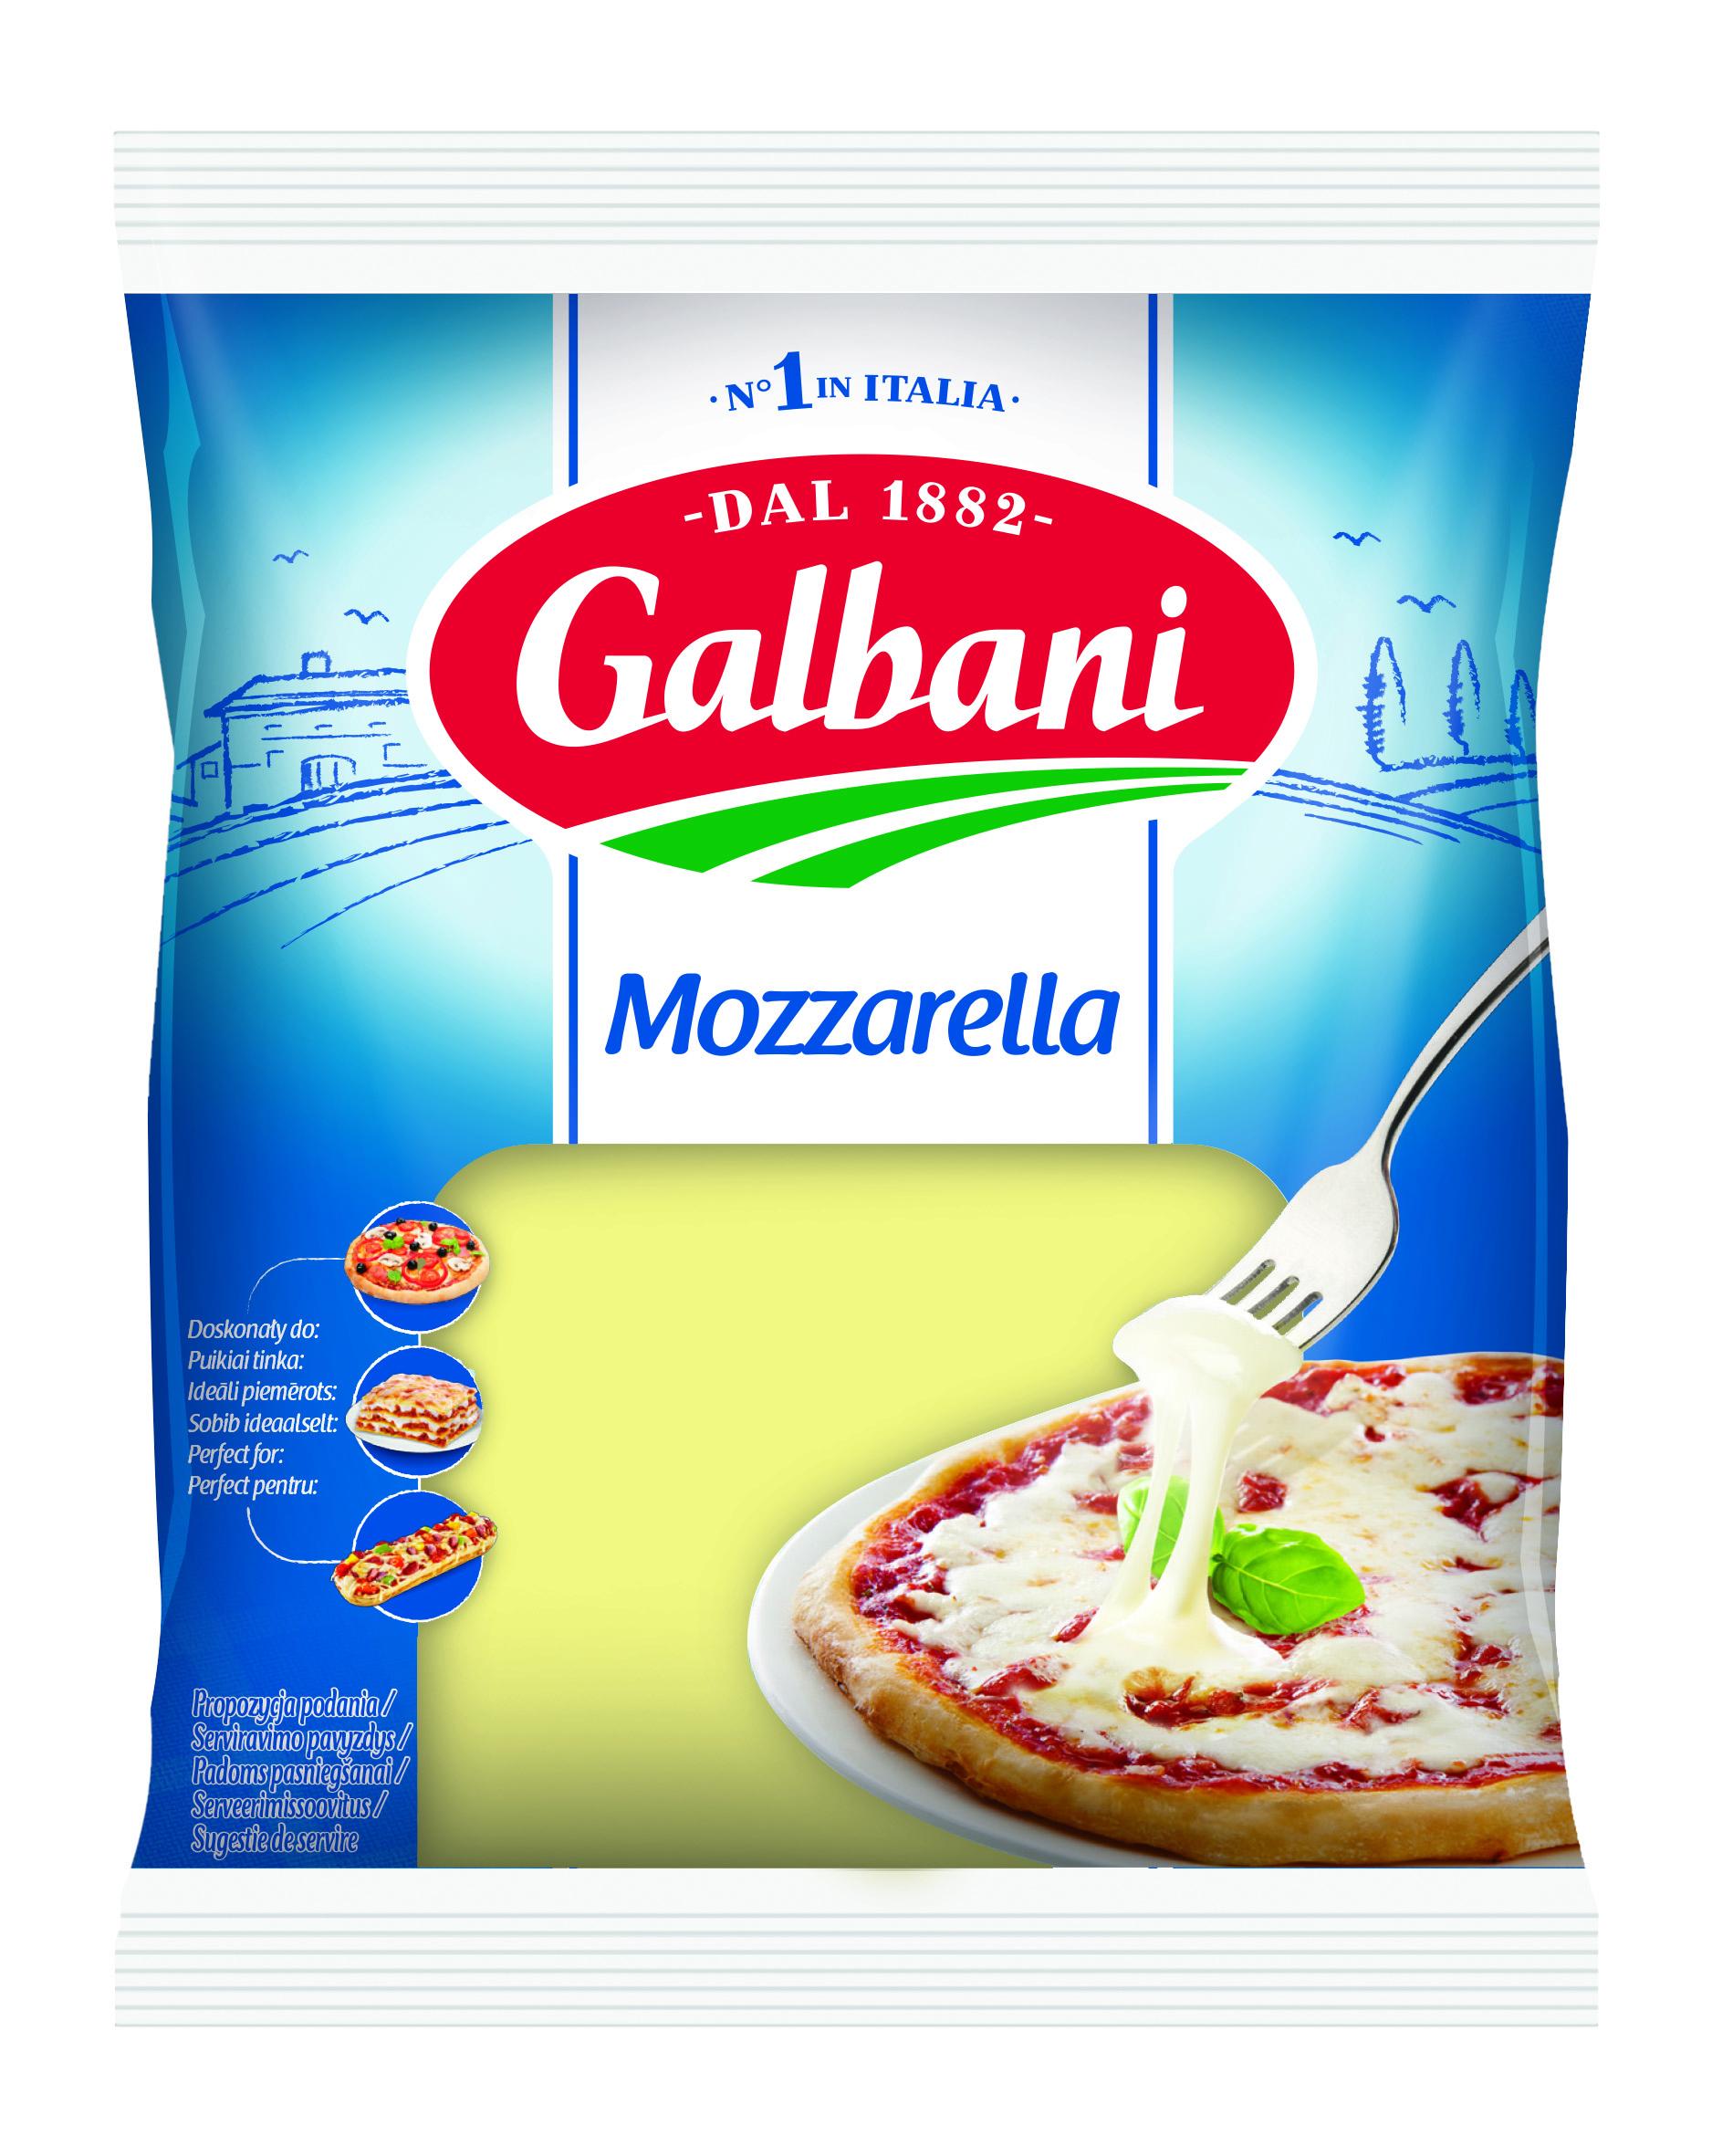 Galbani Mozzarella Blok 300g - Galbani – od ponad 130 lat dostarczamy najlepsze włoskie smaki na talerze całego świata